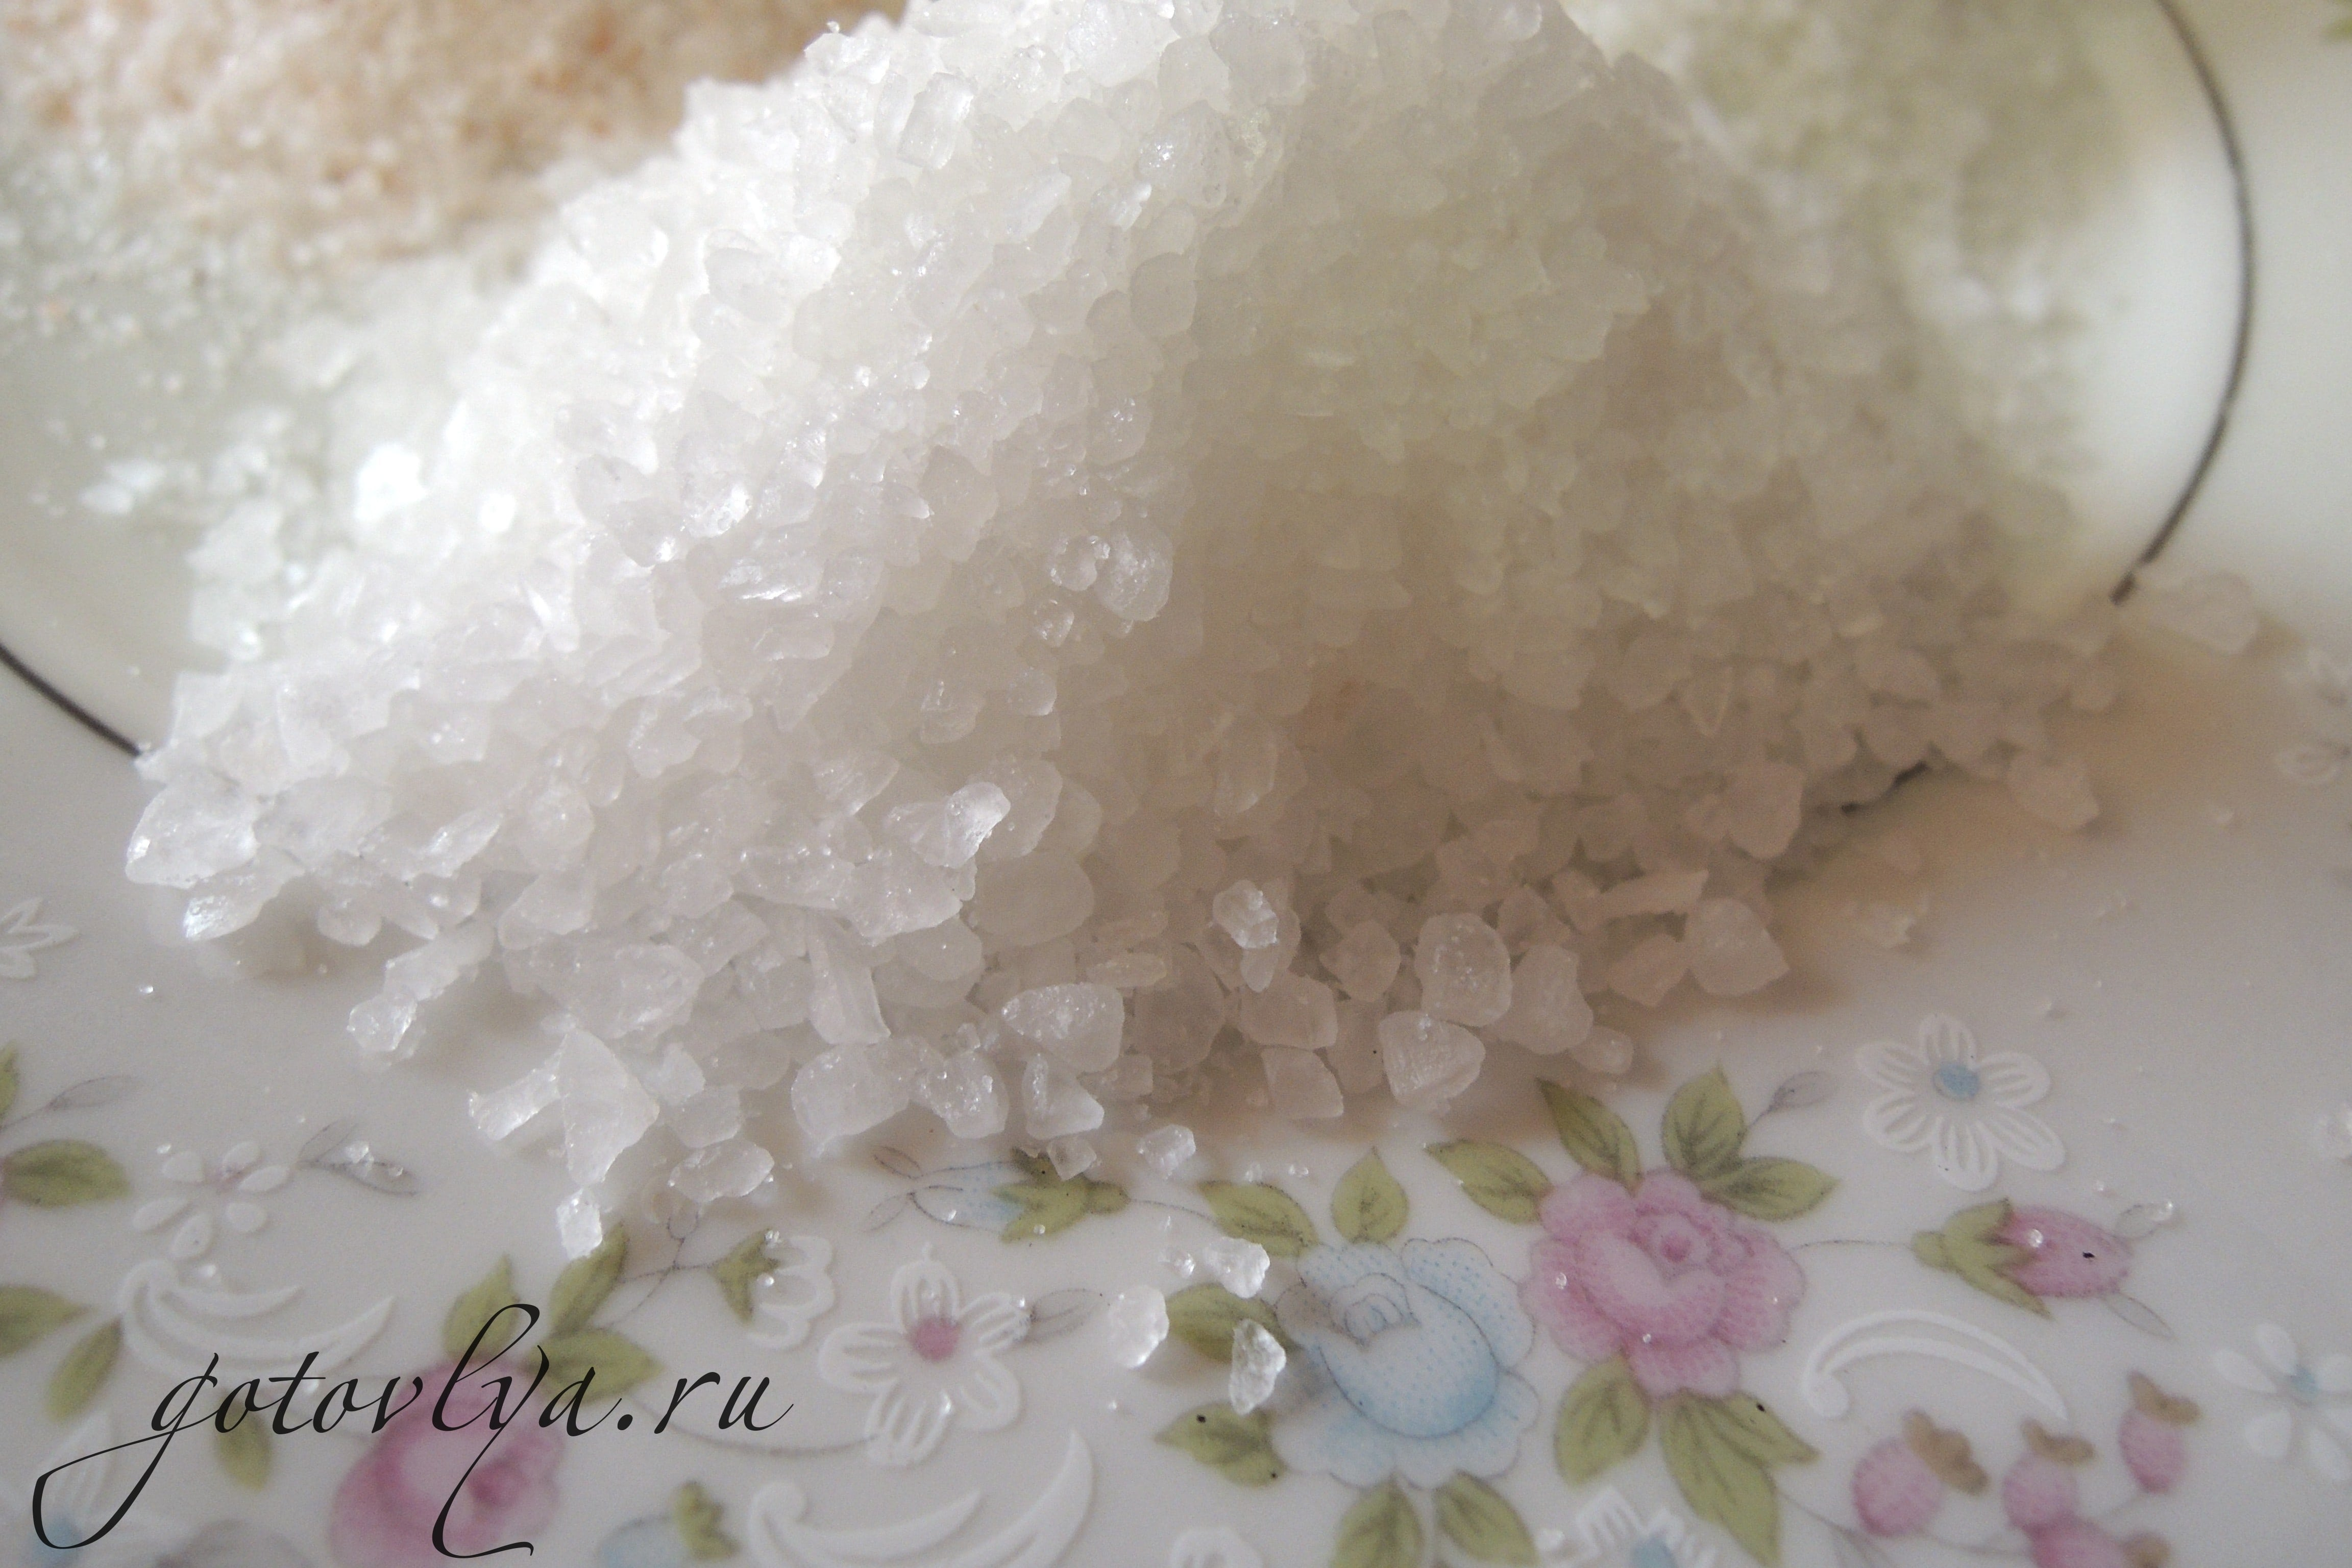 Соль вредна или полезна